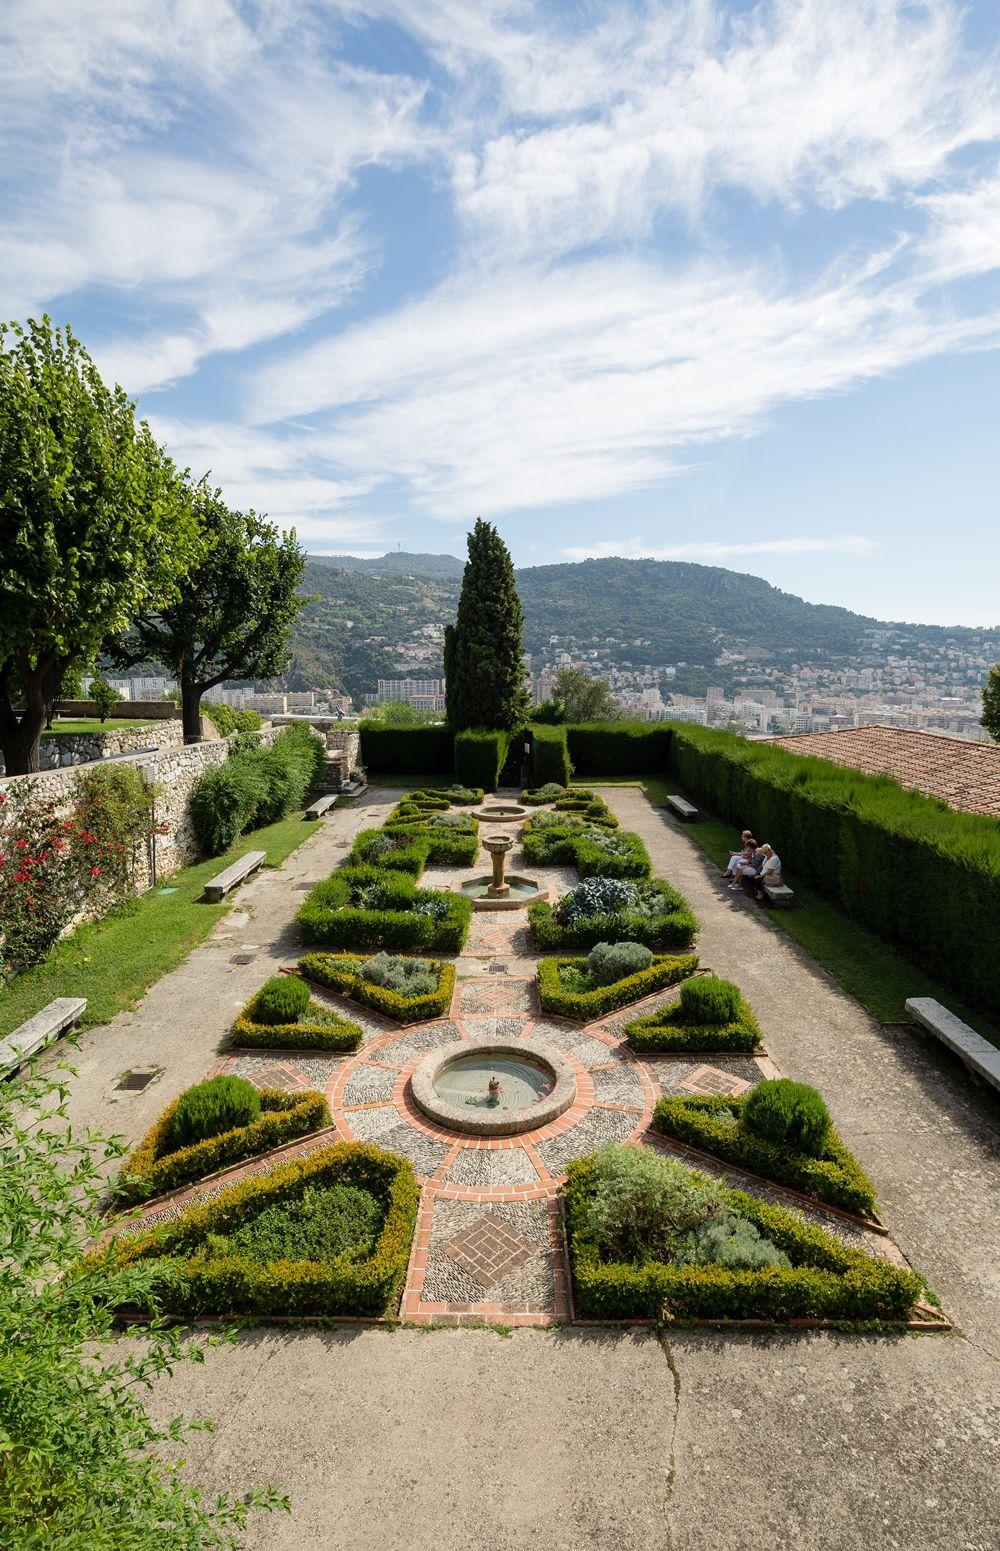 Mobilier De Jardin Alpes Maritimes jardin du monastère de cimiez, nice, provence-alpes-côte d